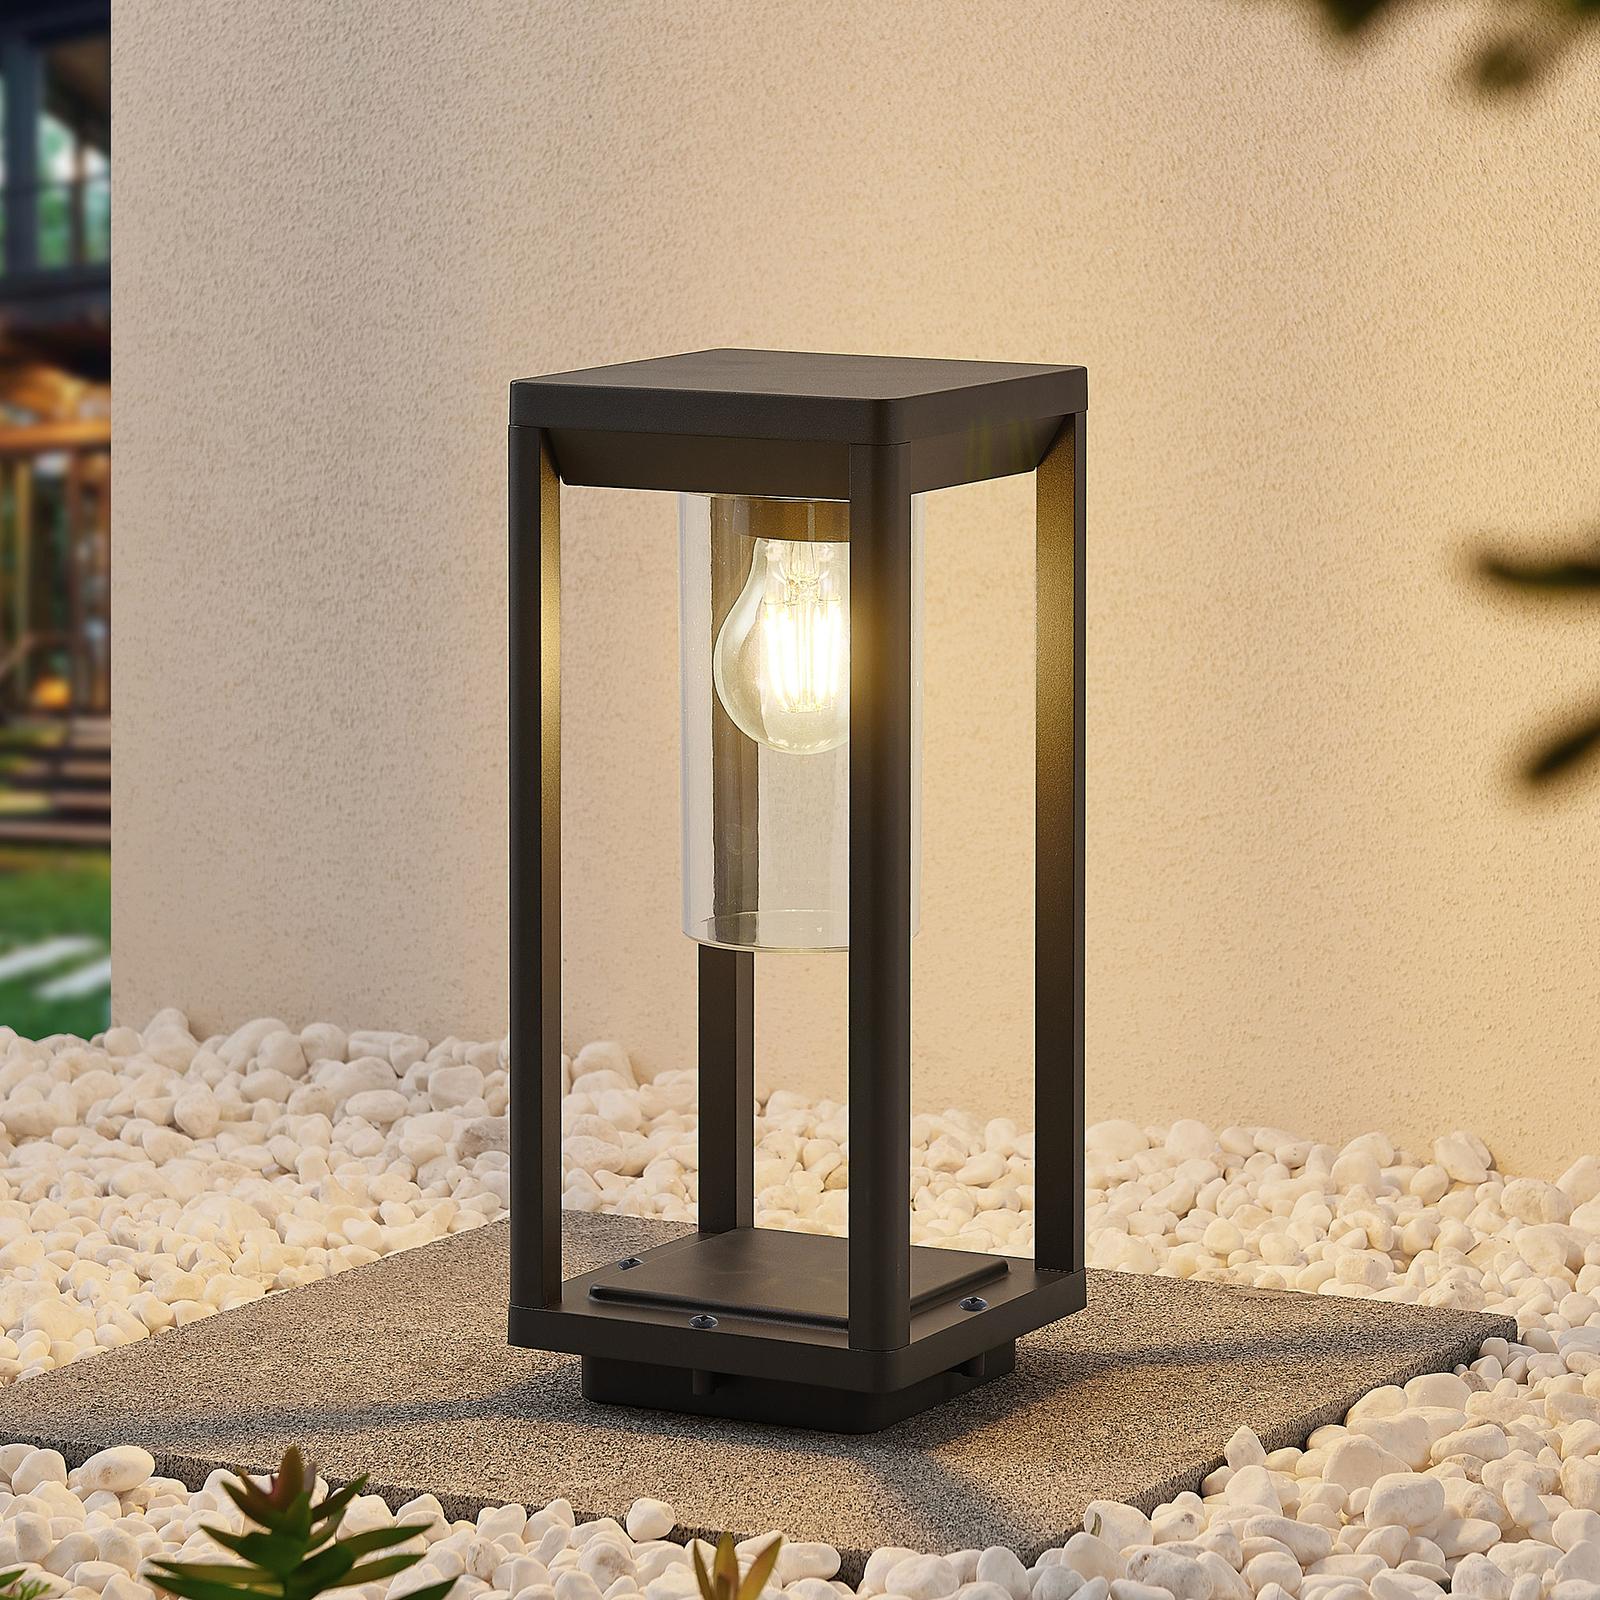 Lindby Estami lampioncino, 35 cm, grigio scuro